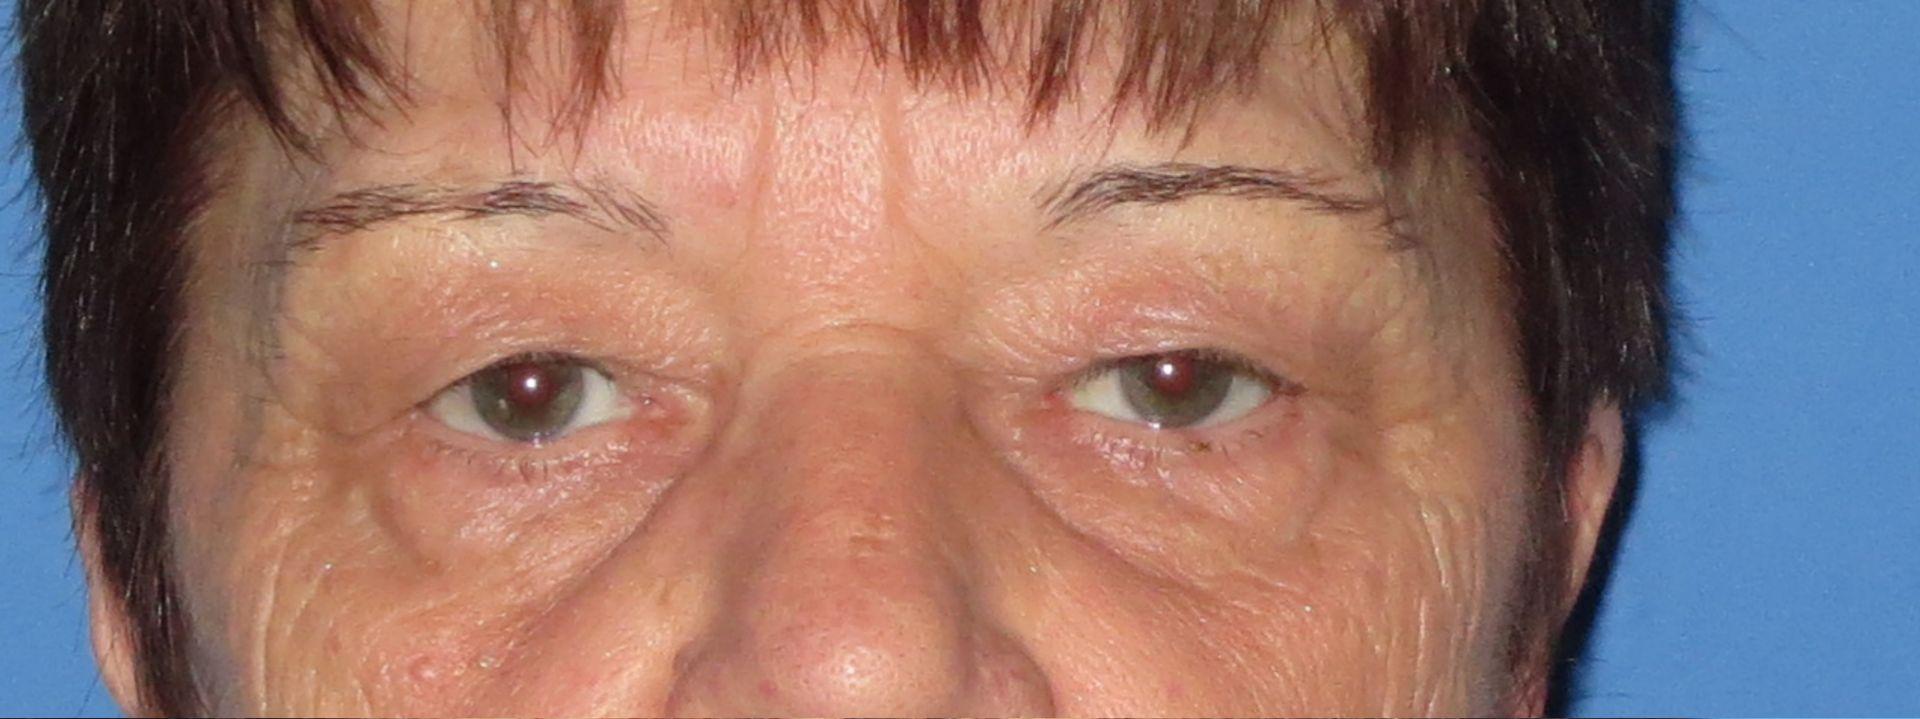 upper lower blepharoplasty before 2